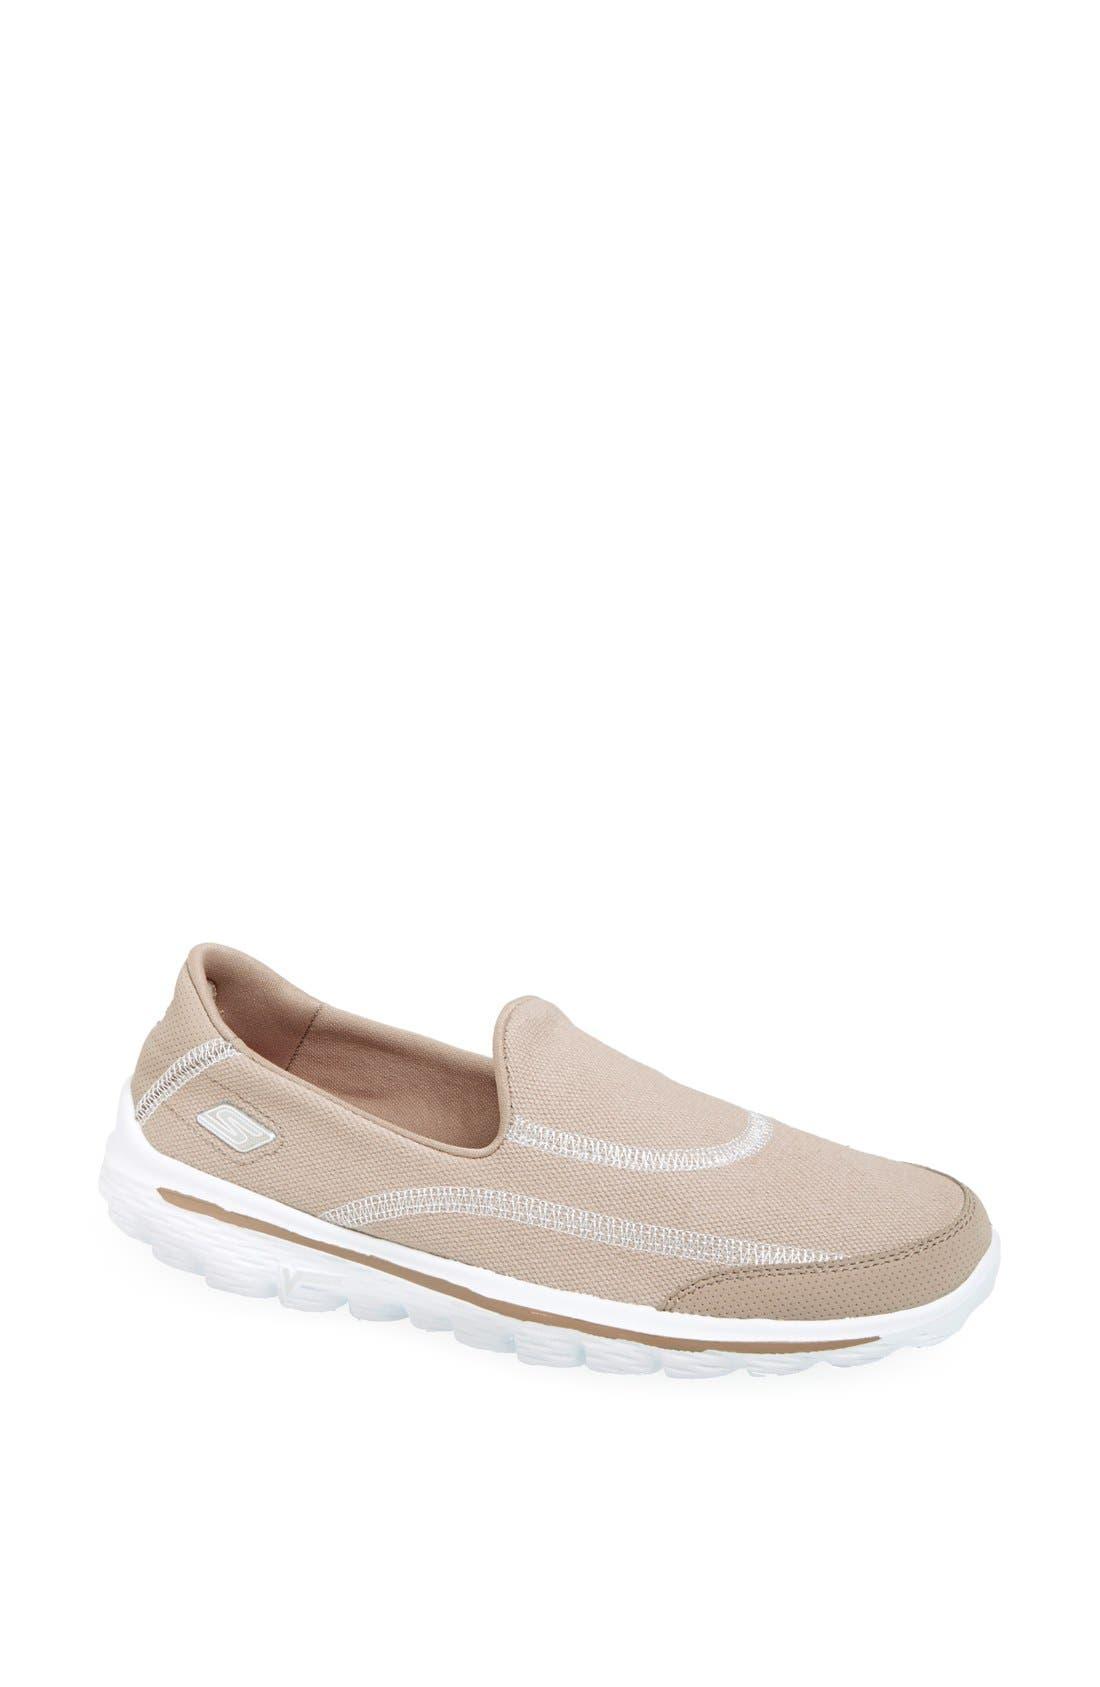 Main Image - SKECHERS 'Fresco GO WALK' Slip-On Walking Shoe (Women)